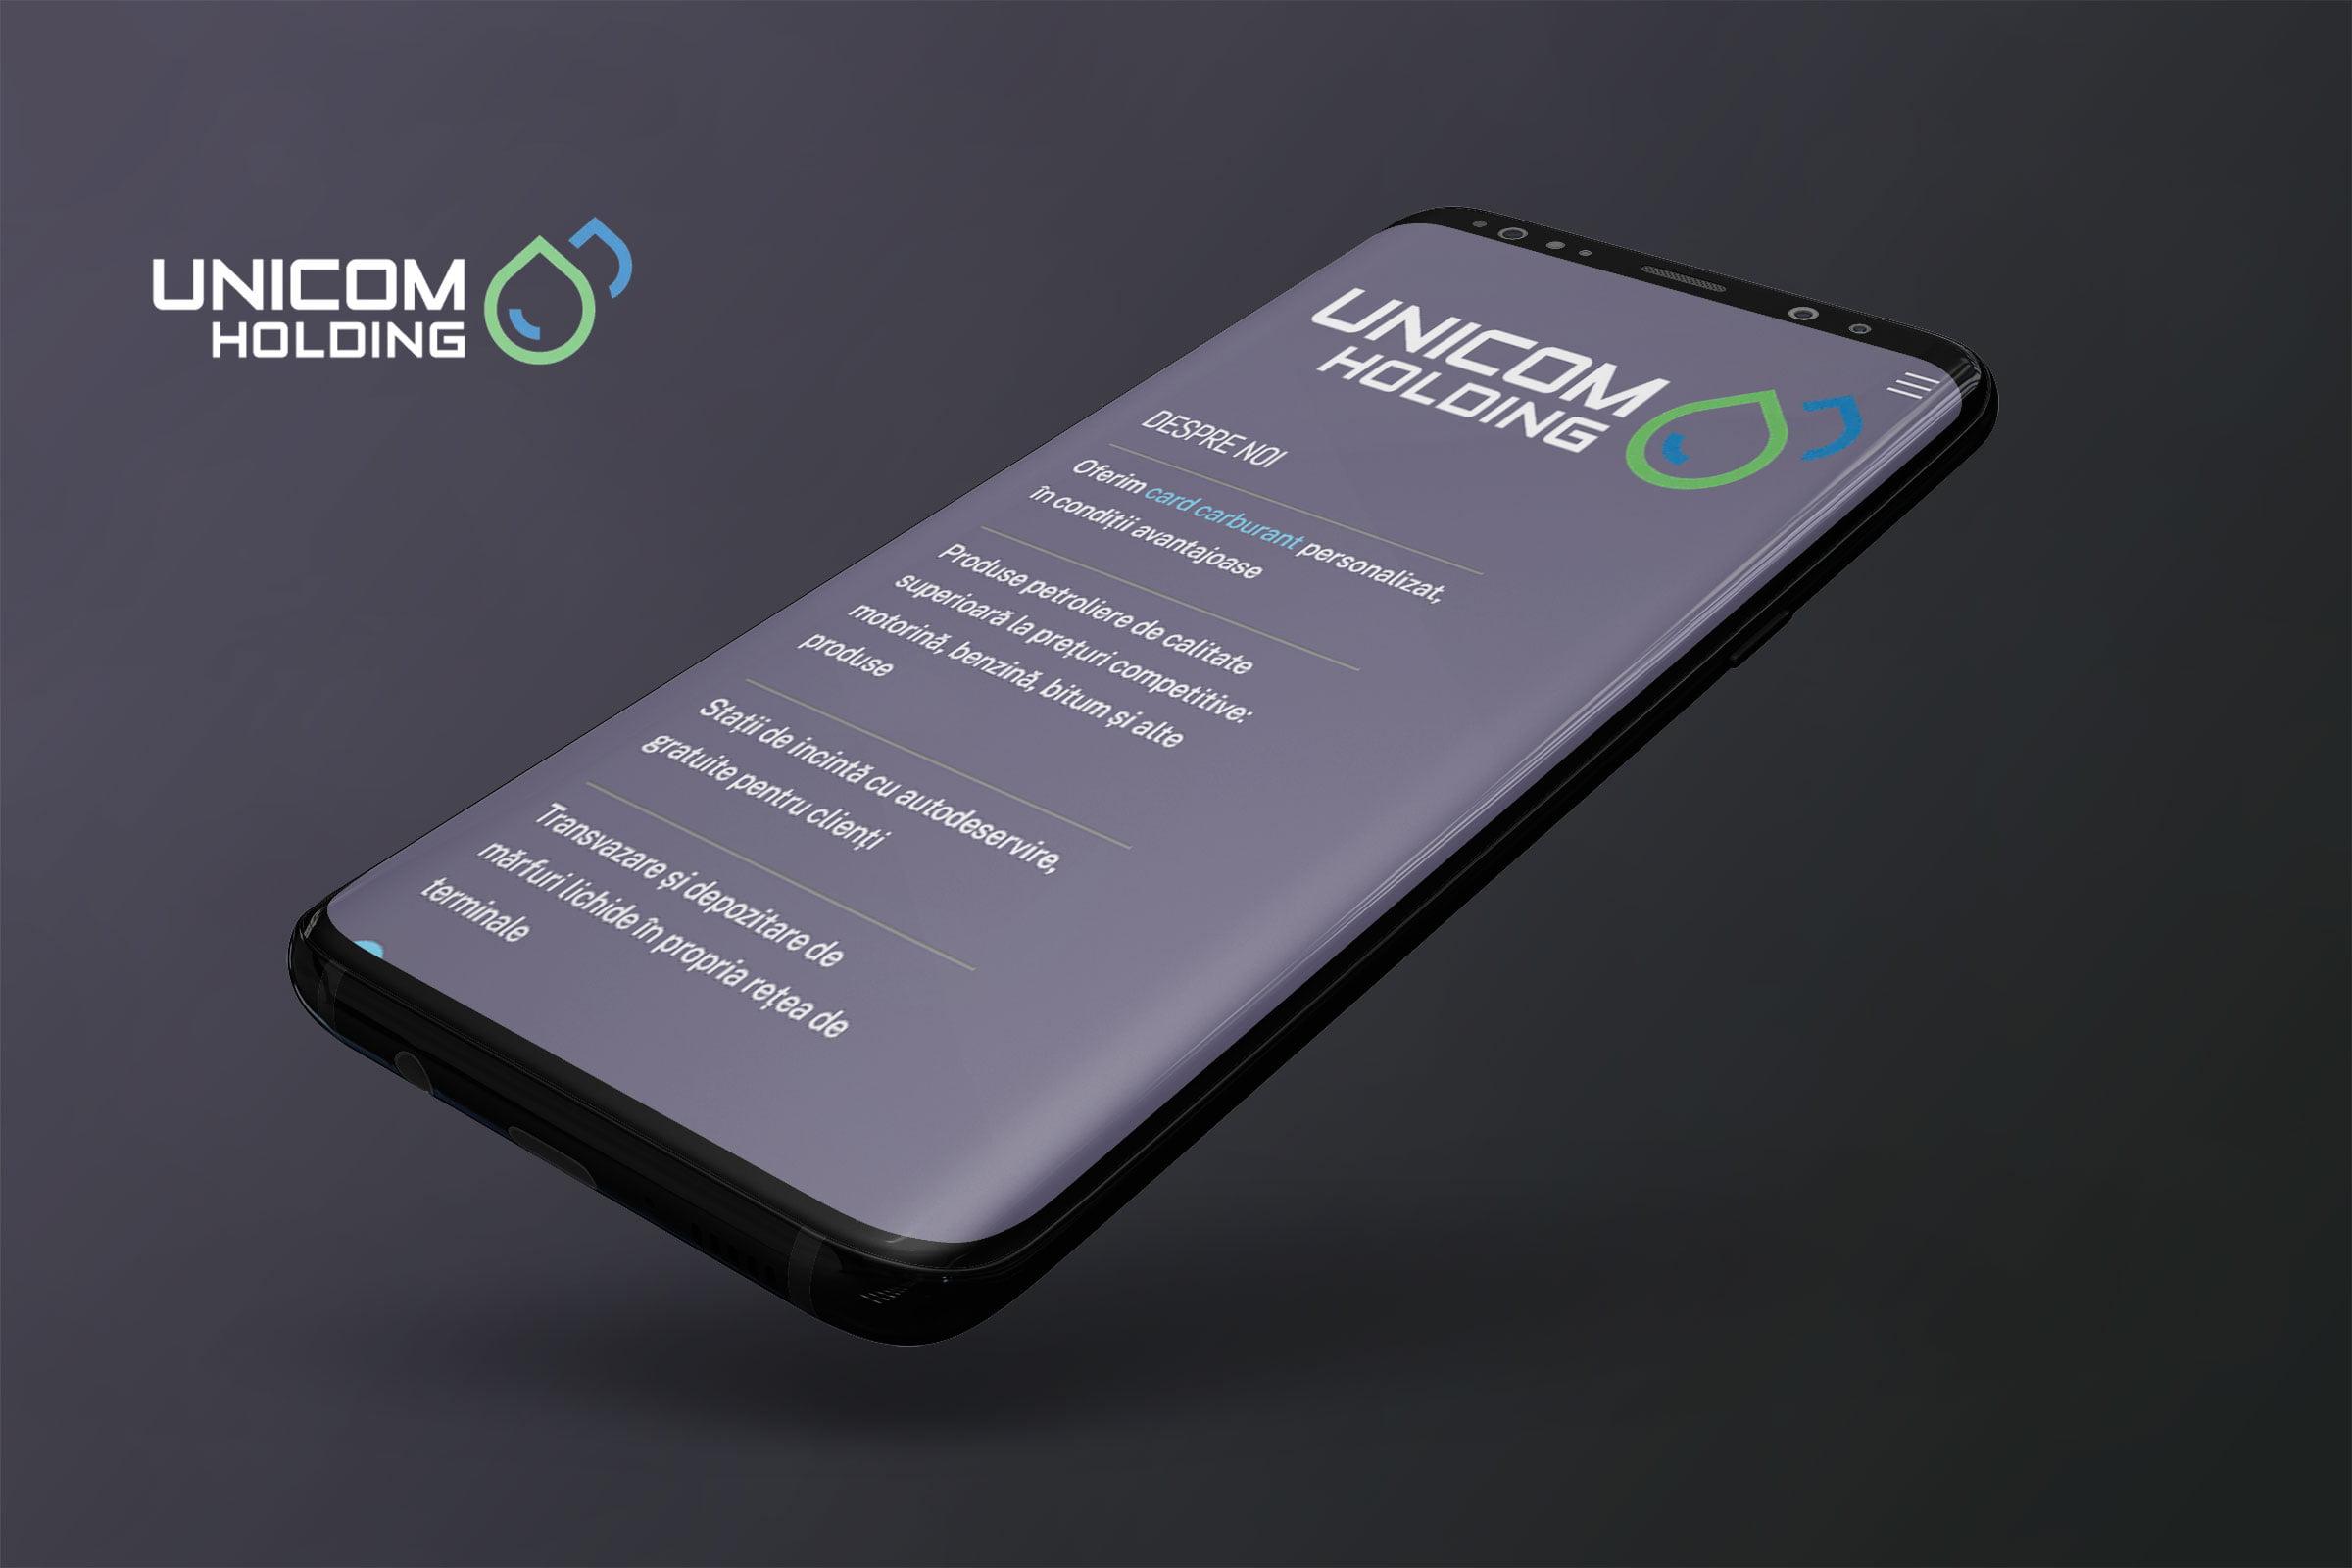 SEO pentru Unicom Holding - companie românească care distribuie produse petroliere.